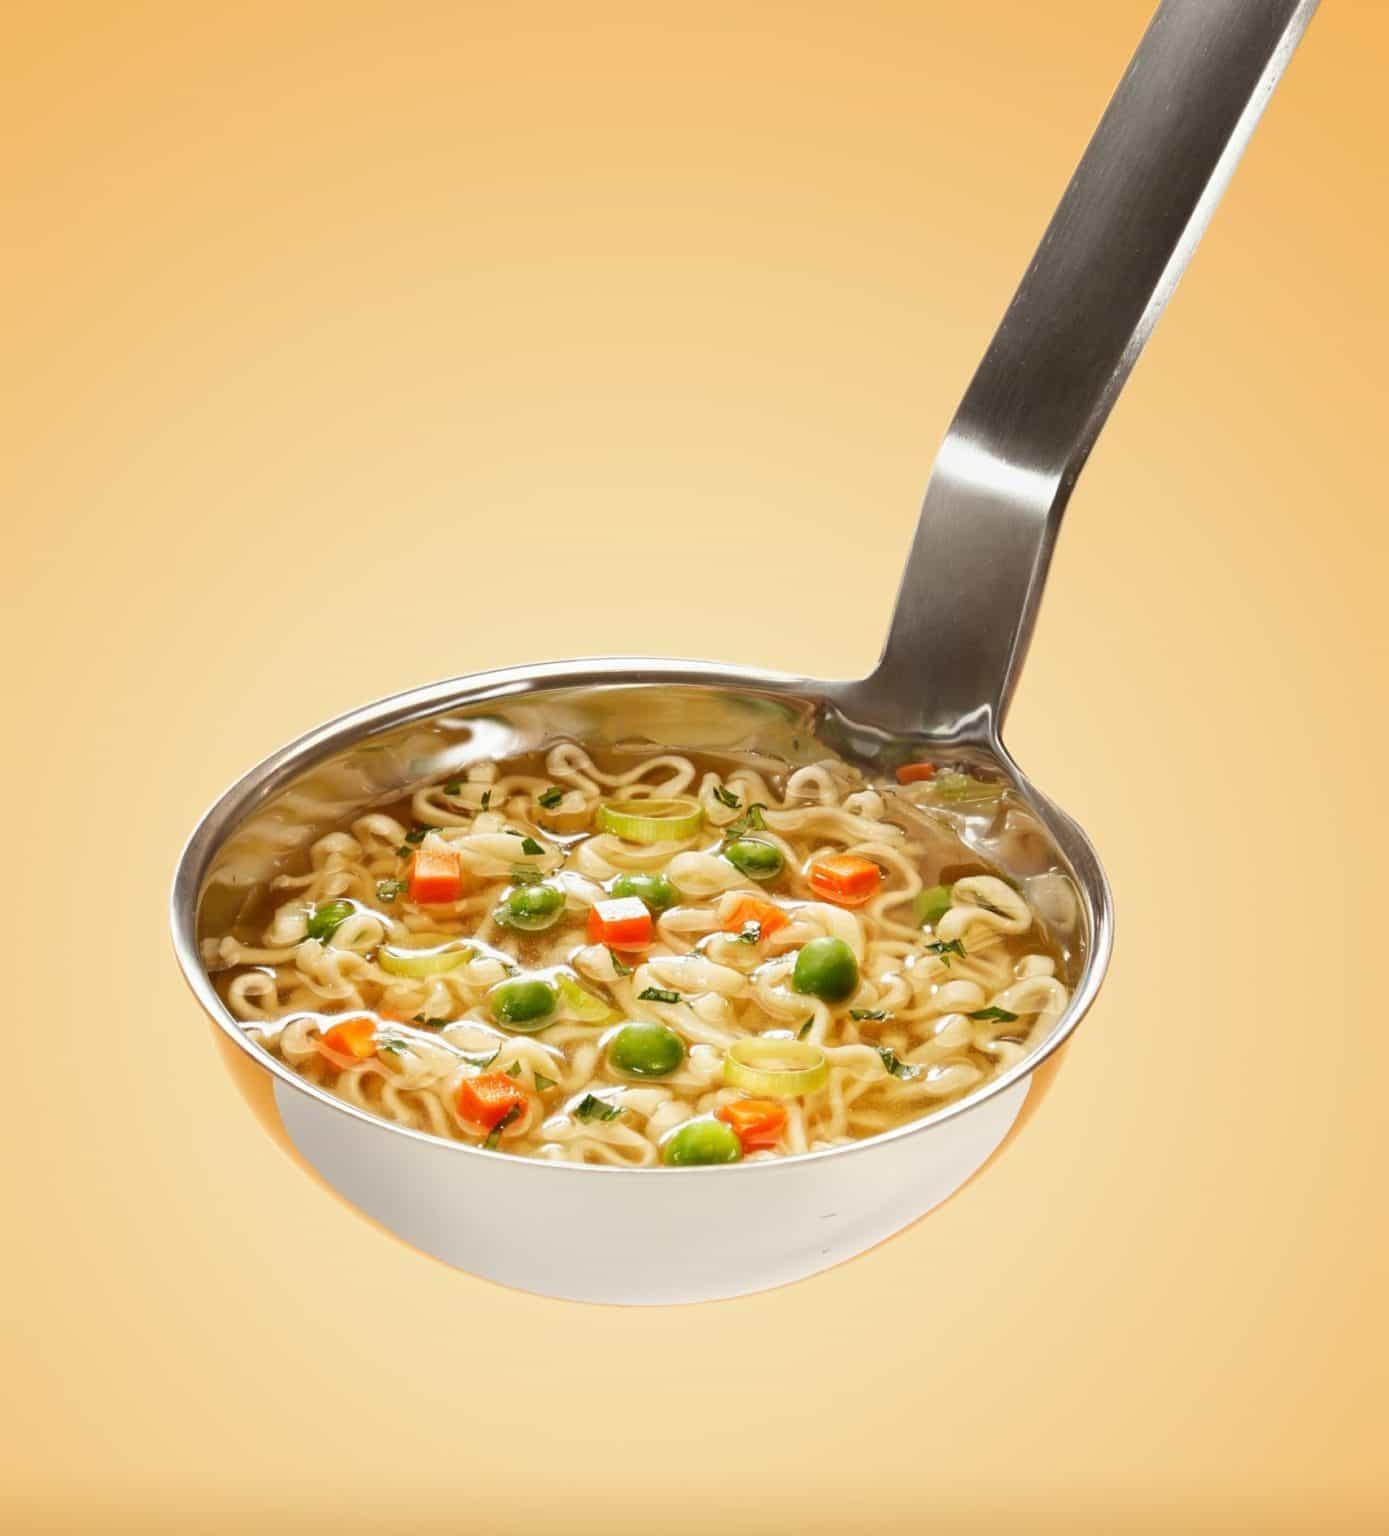 מרק עדשים כתומות: מתכון משביע למנת חורף מזינה